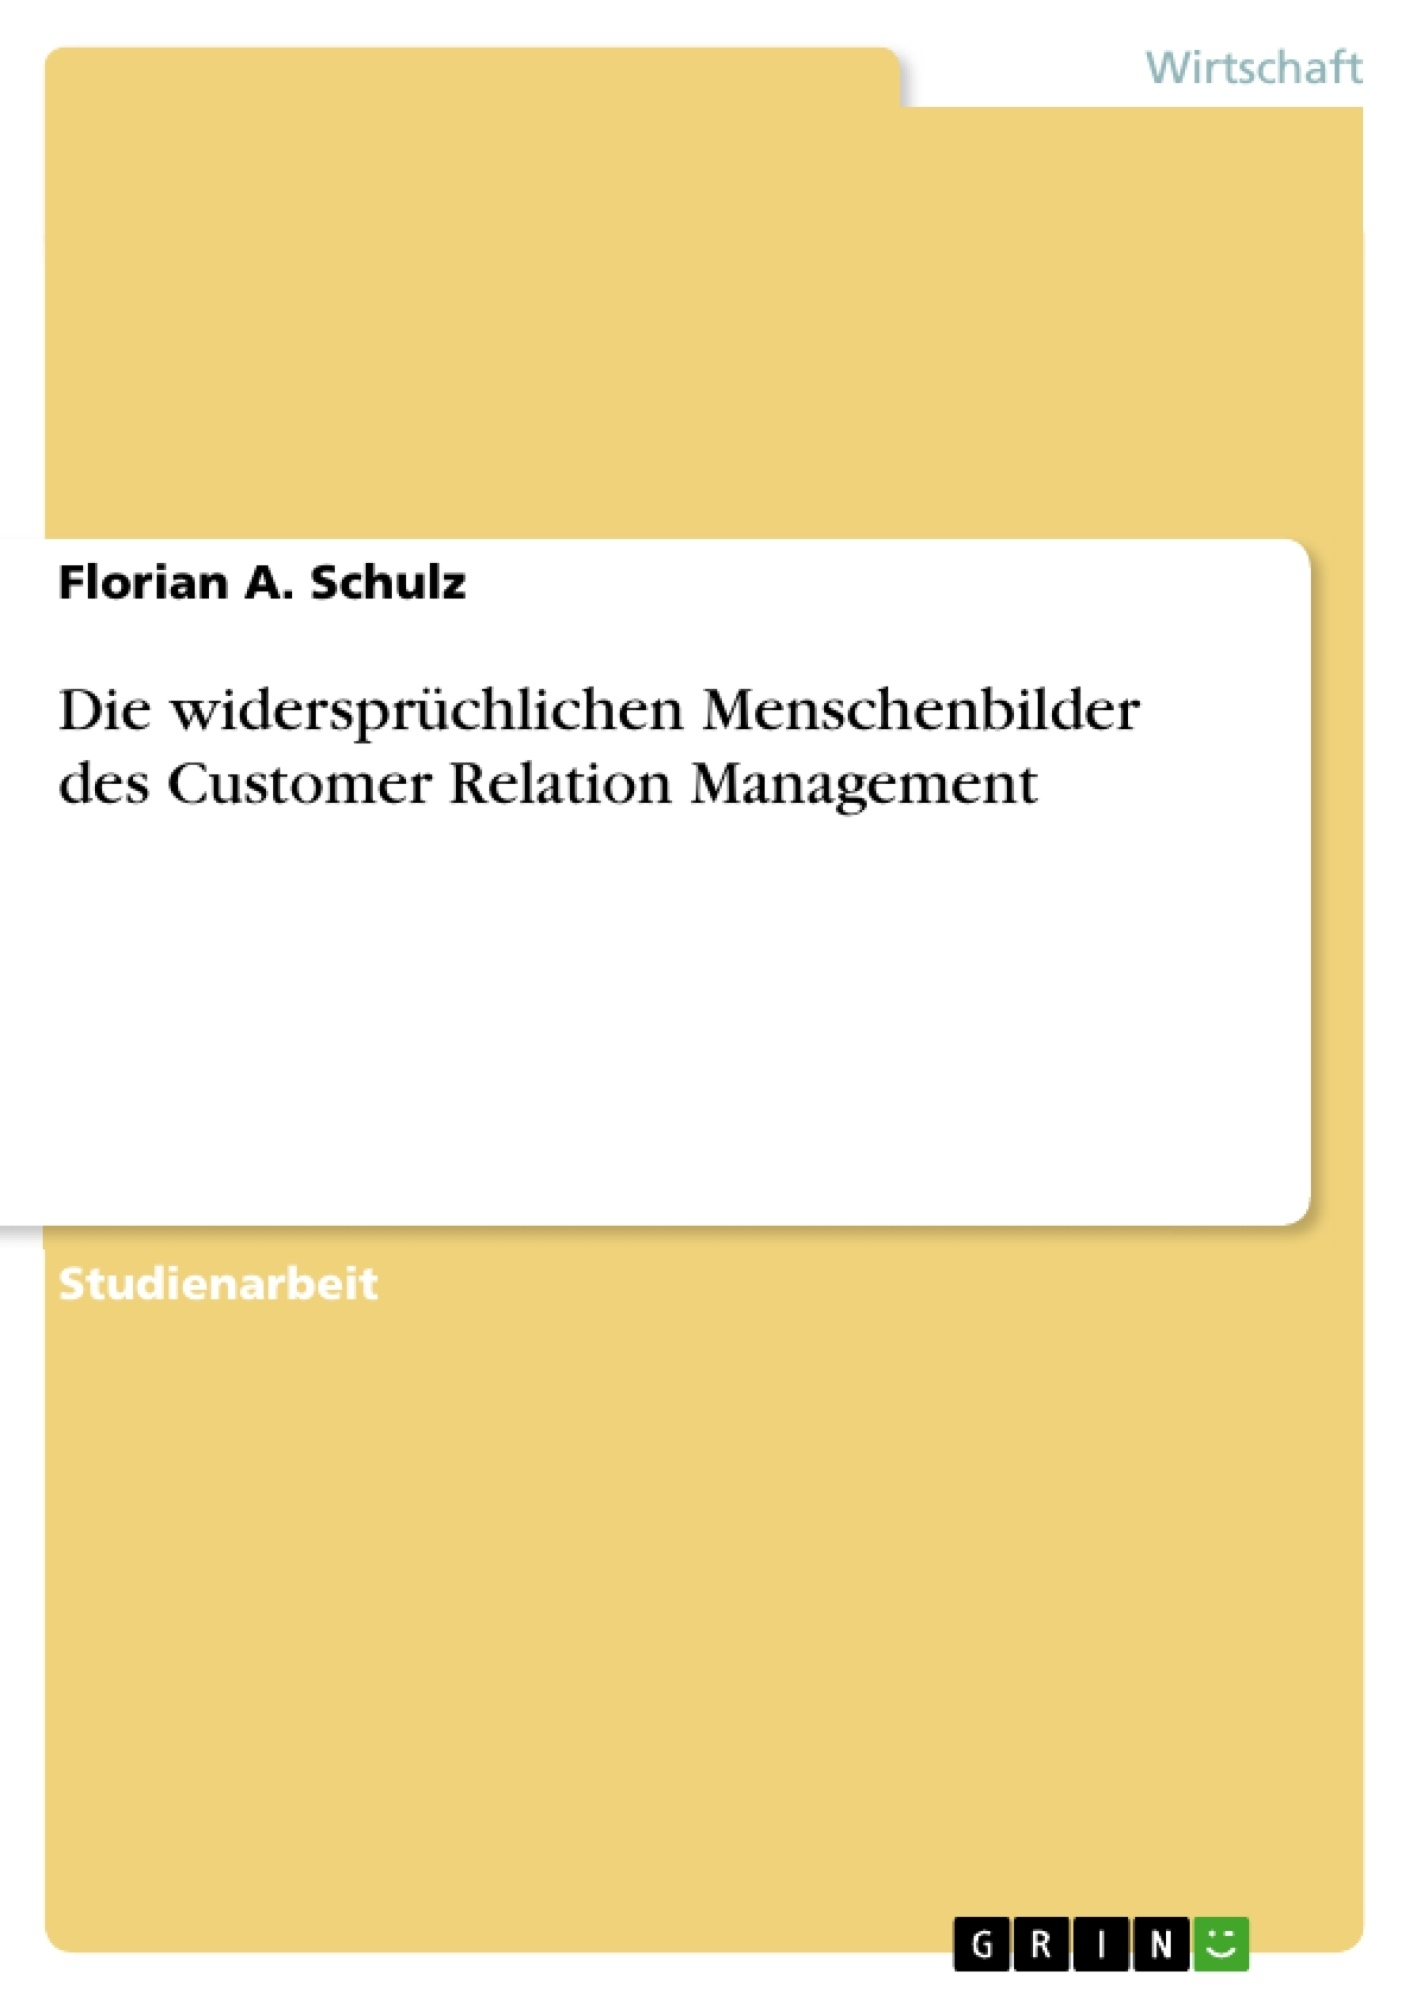 Titel: Die widersprüchlichen Menschenbilder des Customer Relation Management